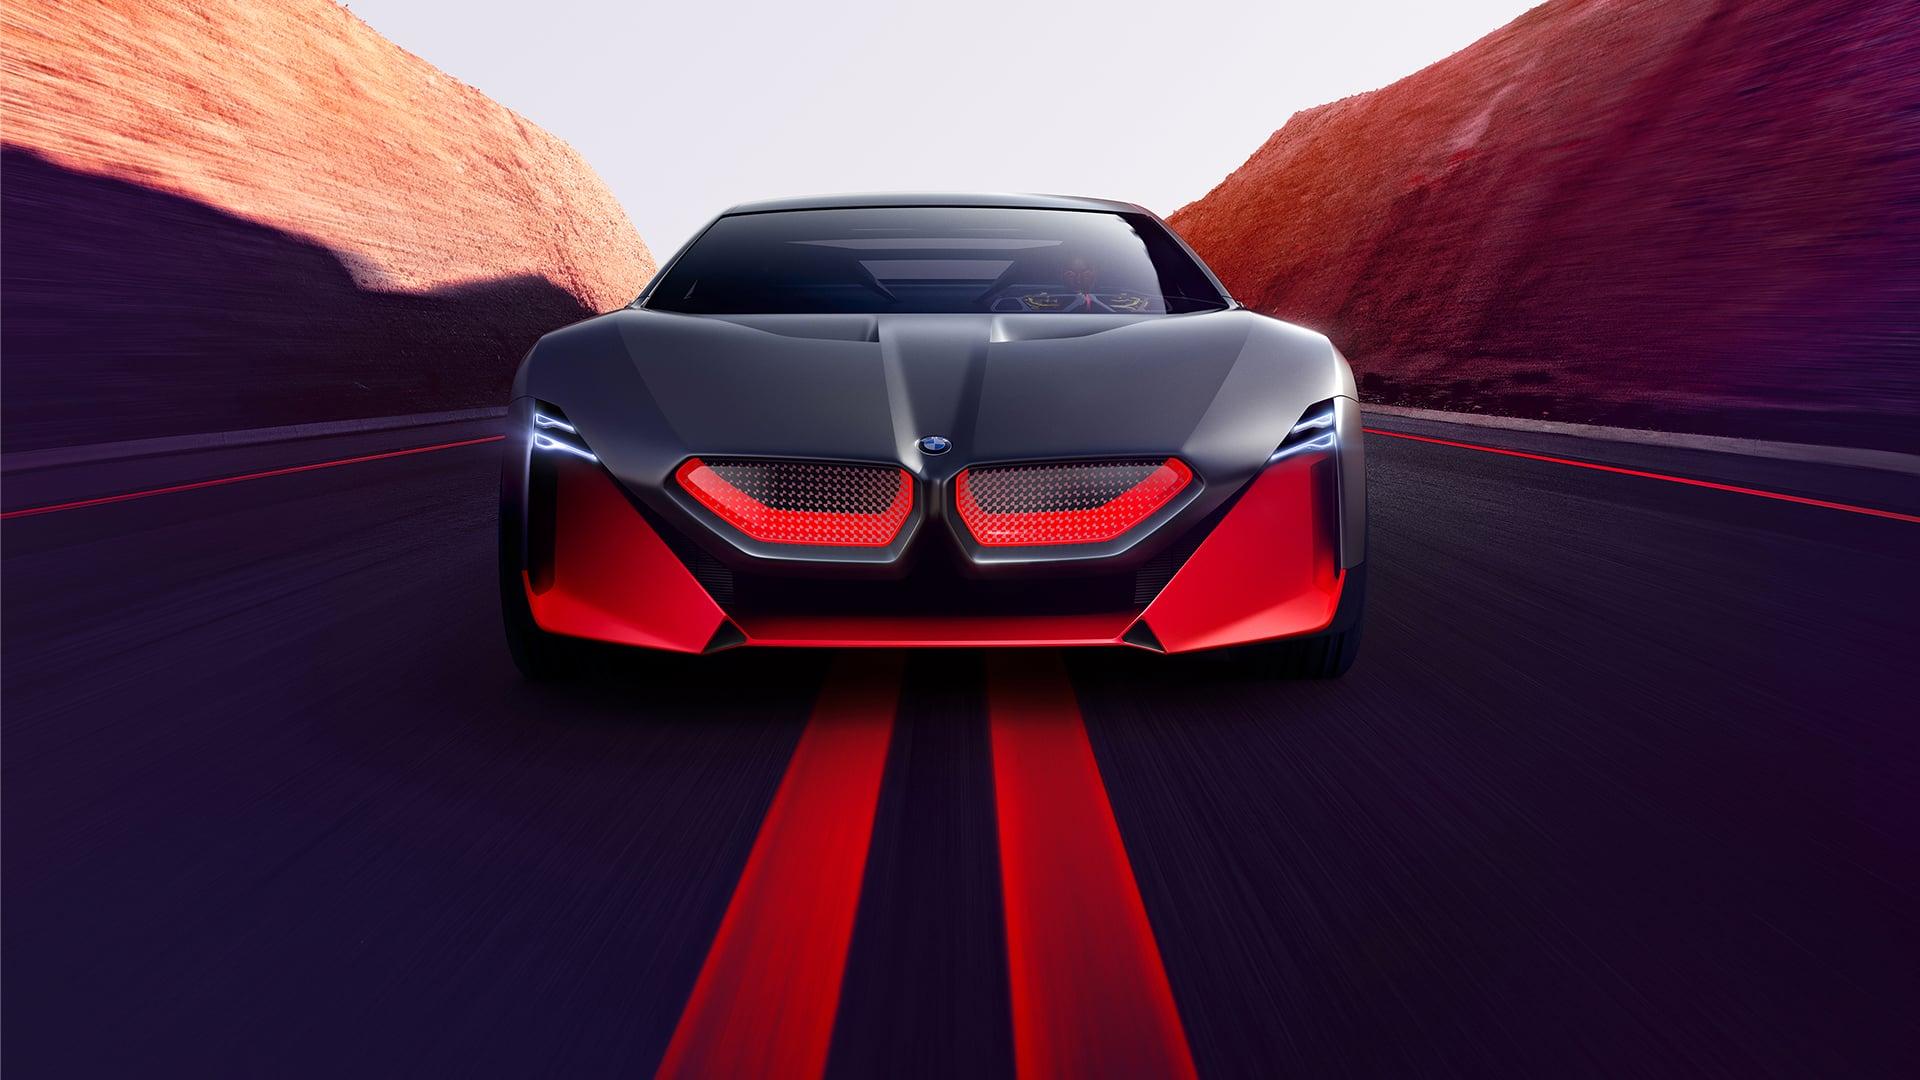 Tak brzmi elektryczne BMW udźwiękowione przez Hansa Zimmera